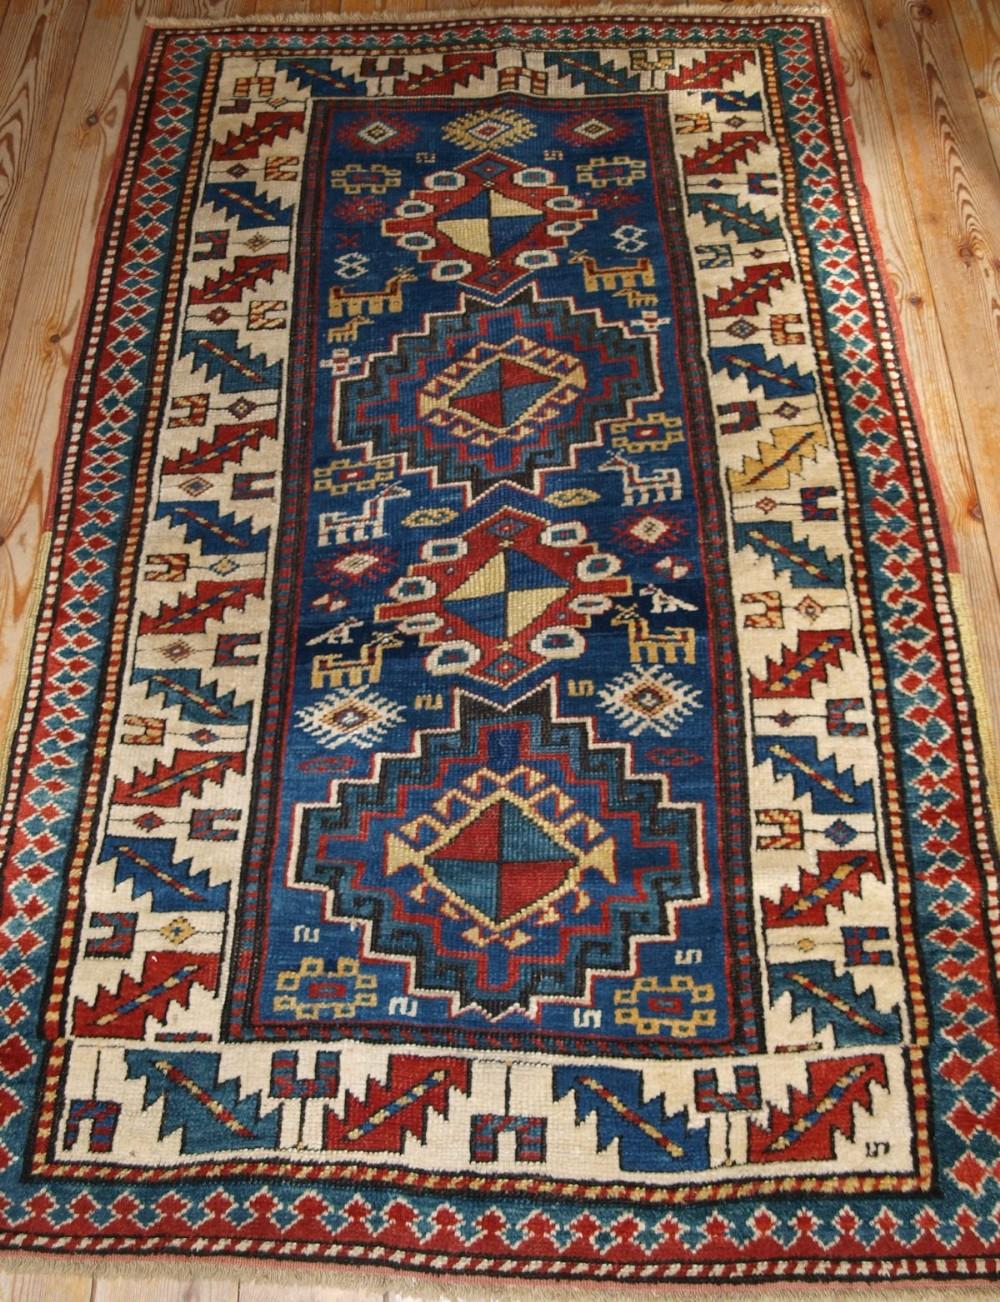 antique caucasian kazak rug bold design with animals late 19th cent